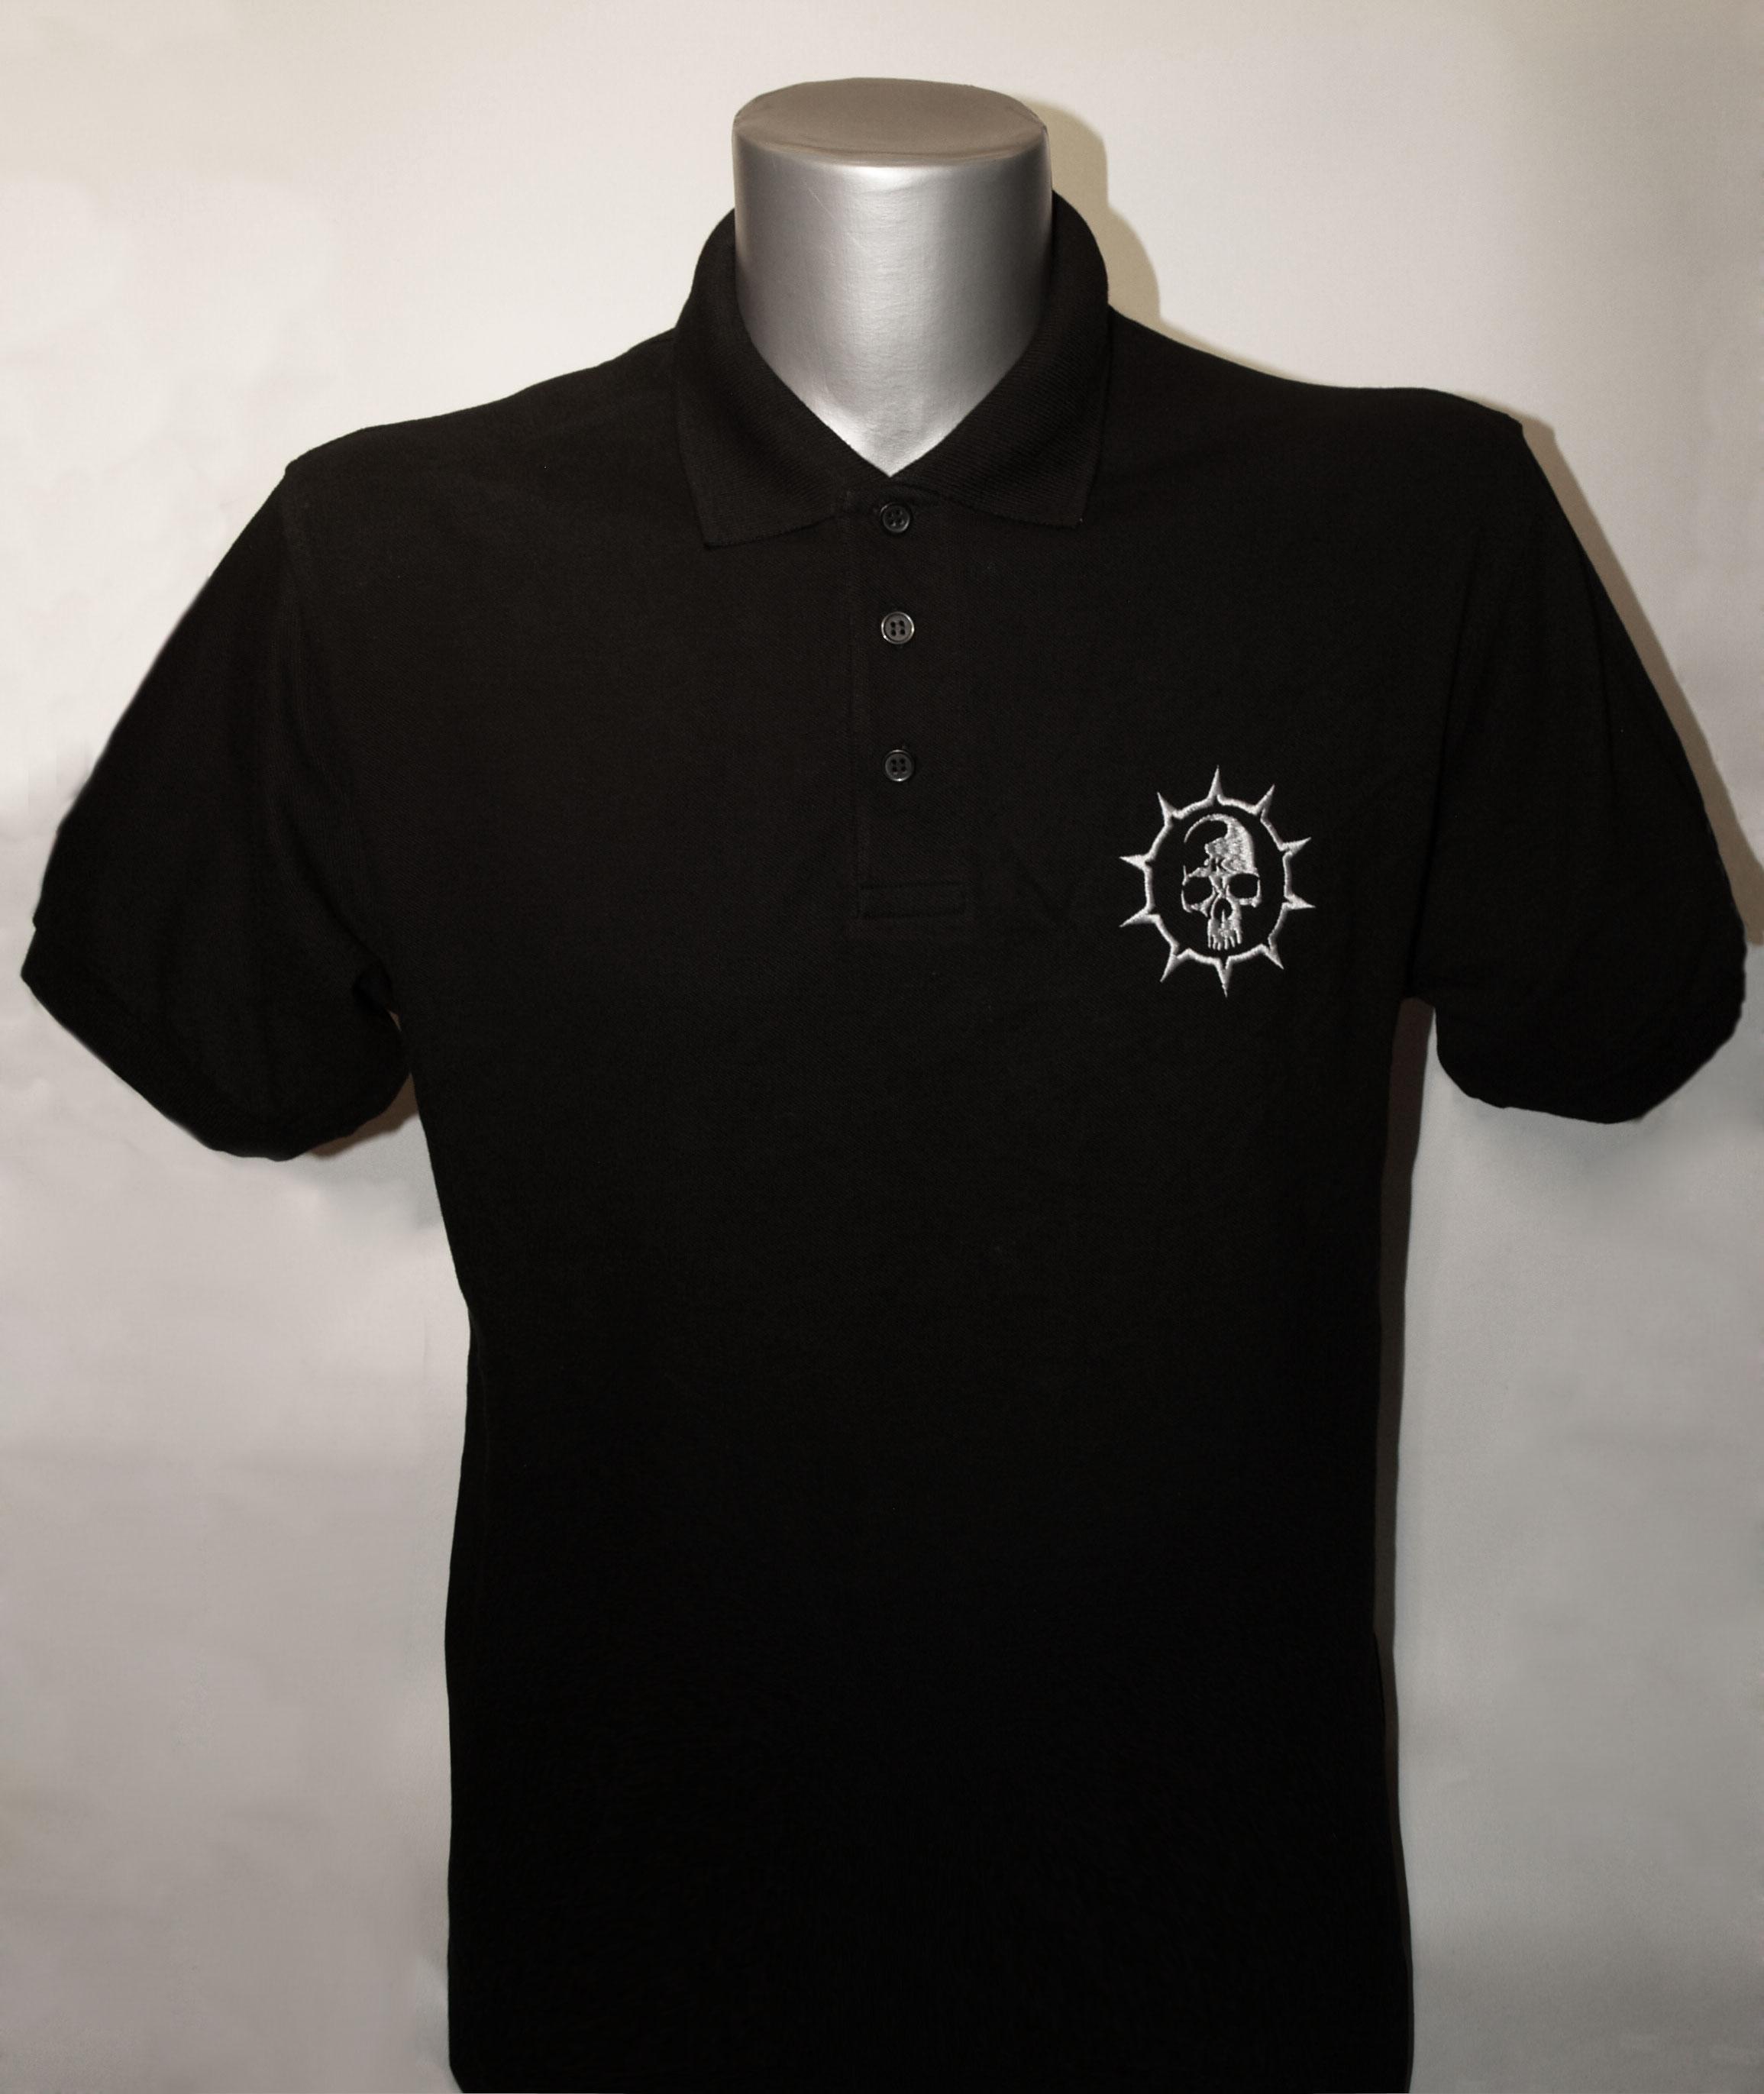 Krankheit Logo Polo Shirt Bestickt M Krp1 3